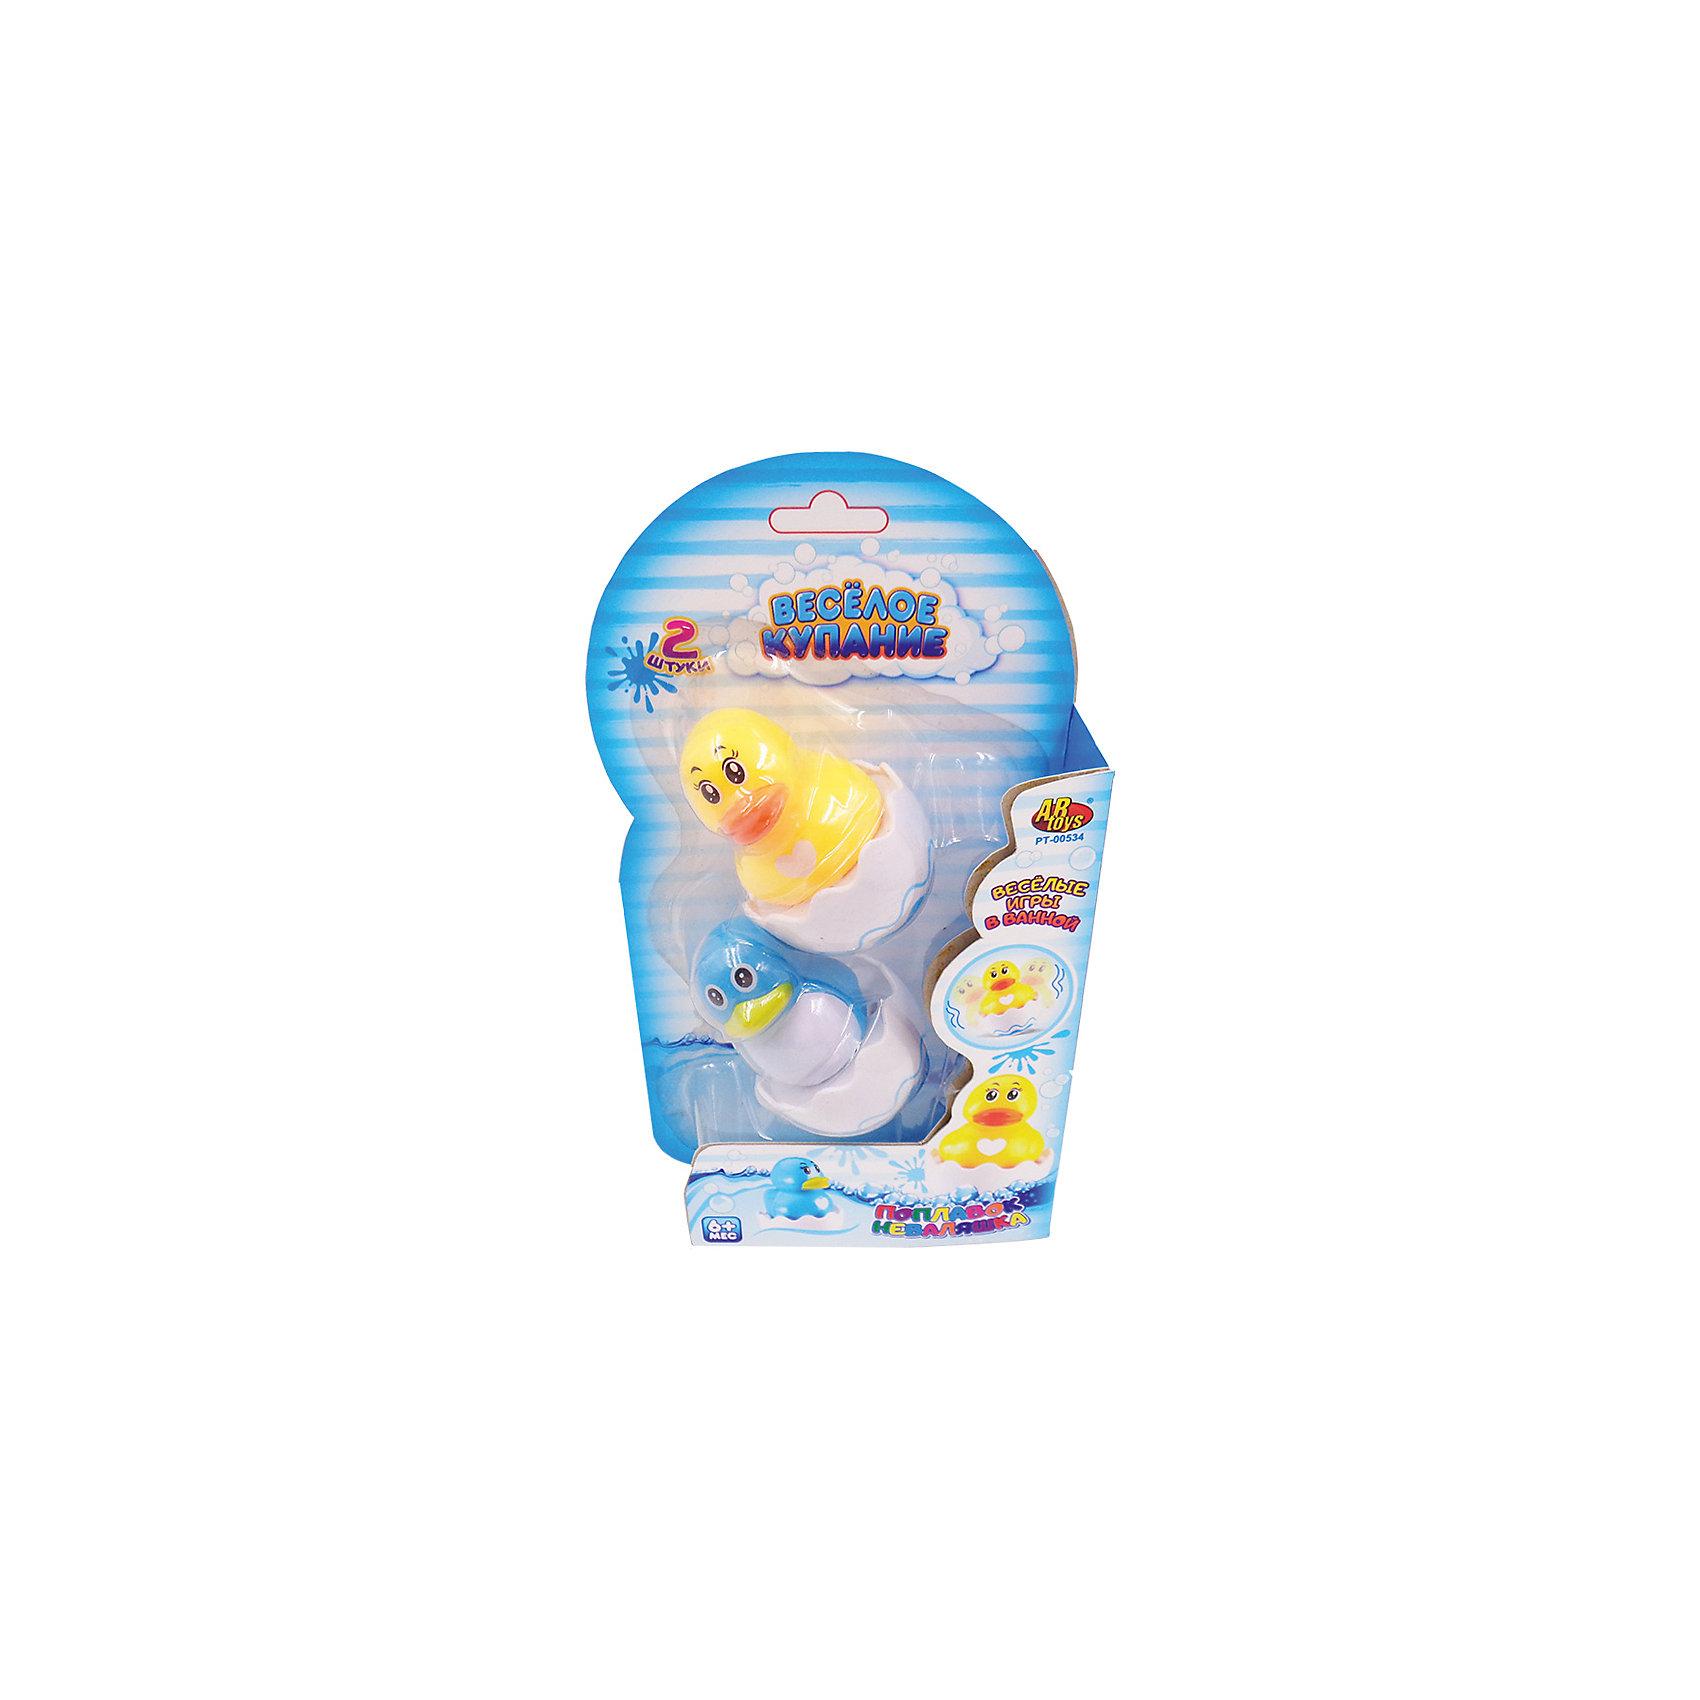 Игрушки для ванной - Уточка и цыпленок (поплавок), Веселое купание, ABtoysВеселое купание. Игрушки для ванной, в наборе уточка и цыпленок (поплавок), на блистере, 14х4х24,5 см<br><br>Ширина мм: 140<br>Глубина мм: 40<br>Высота мм: 245<br>Вес г: 121<br>Возраст от месяцев: 36<br>Возраст до месяцев: 96<br>Пол: Унисекс<br>Возраст: Детский<br>SKU: 5500931